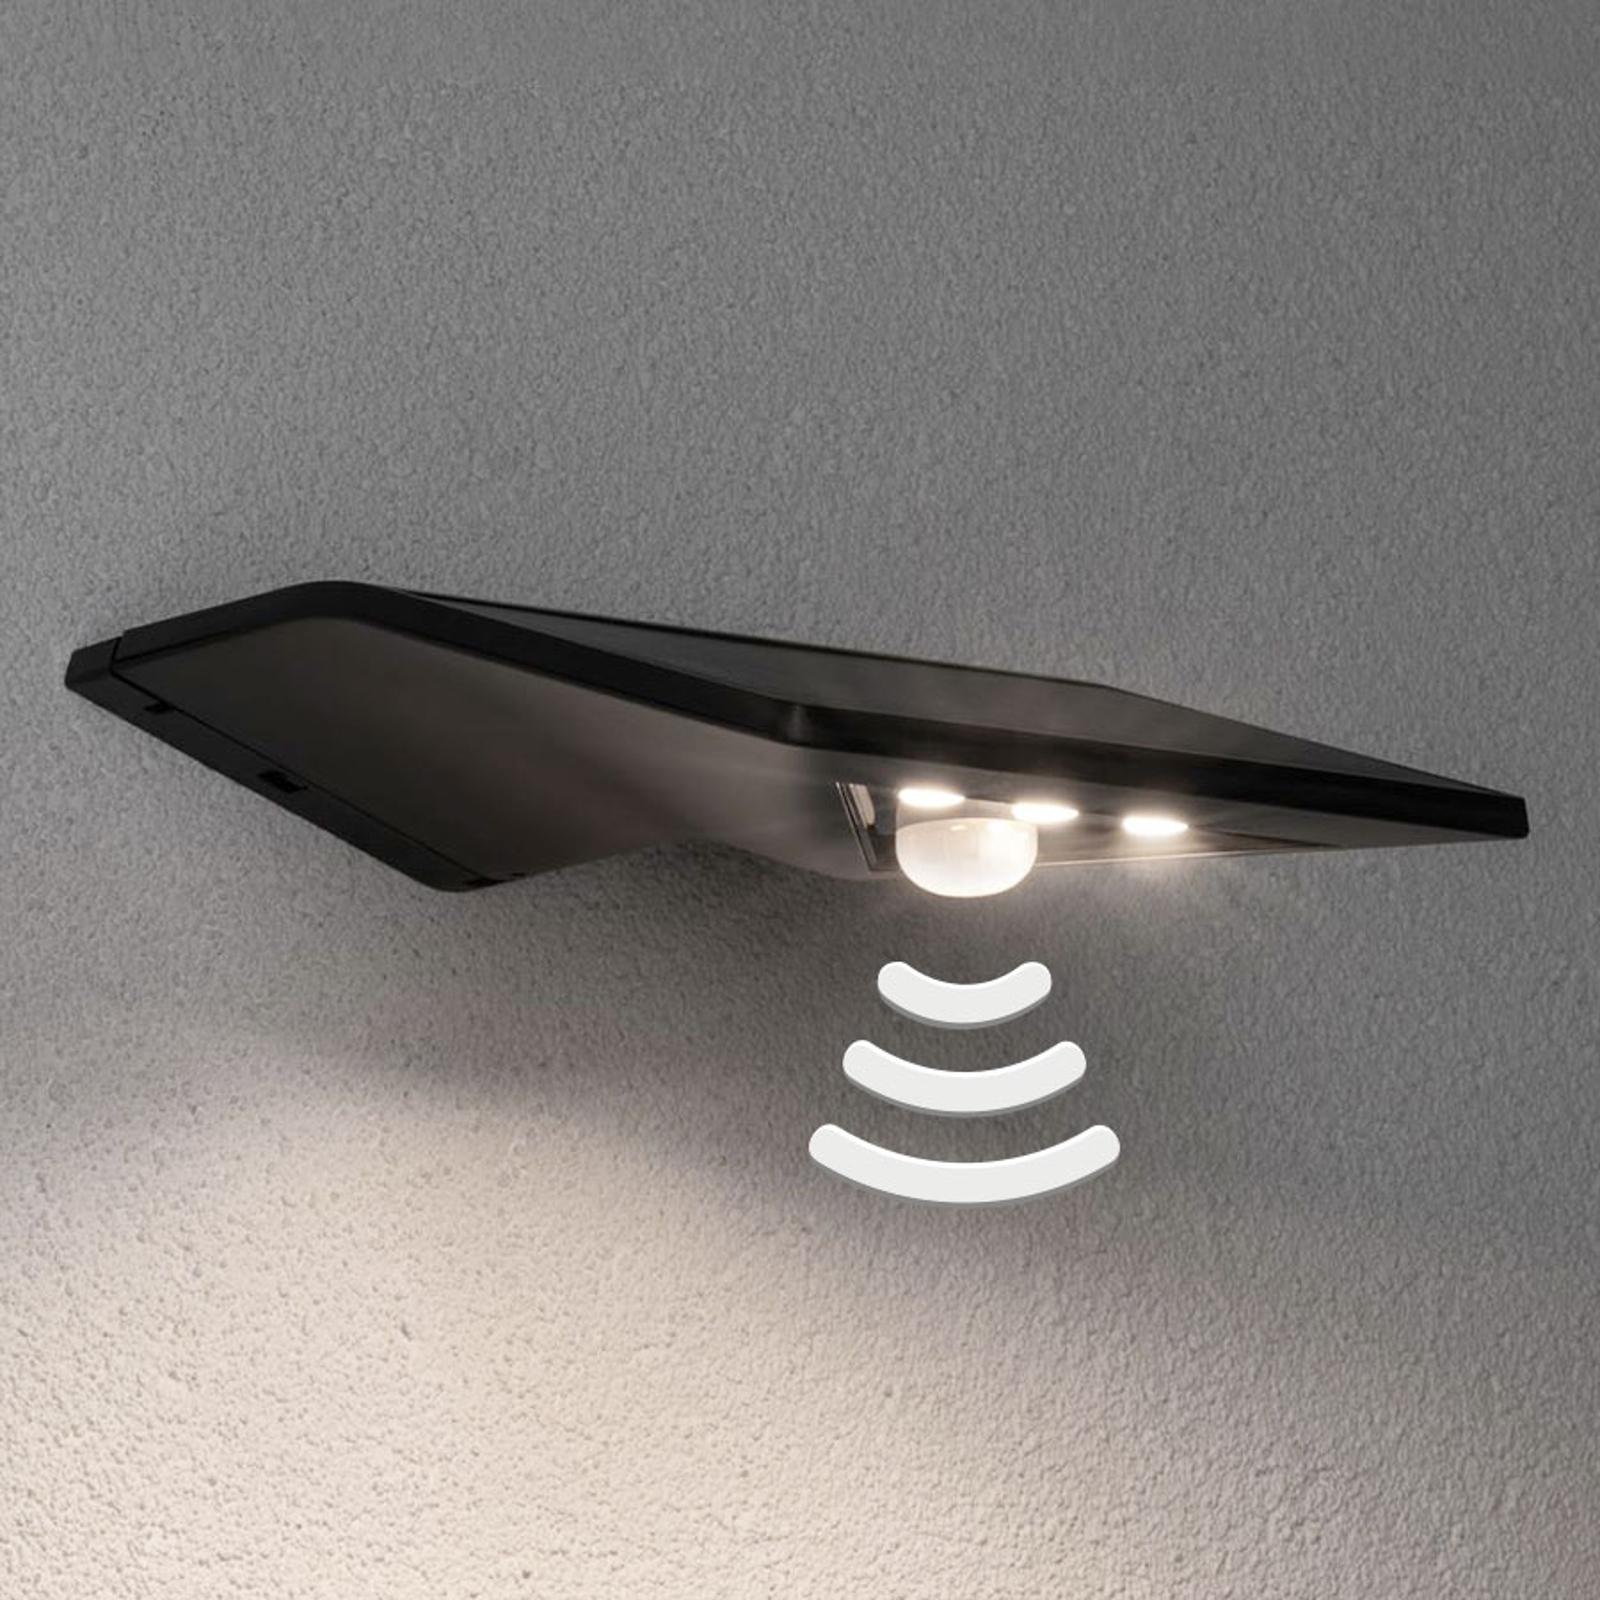 Paulmann Yoko antrasitt utendørs LED-sol-vegglampe